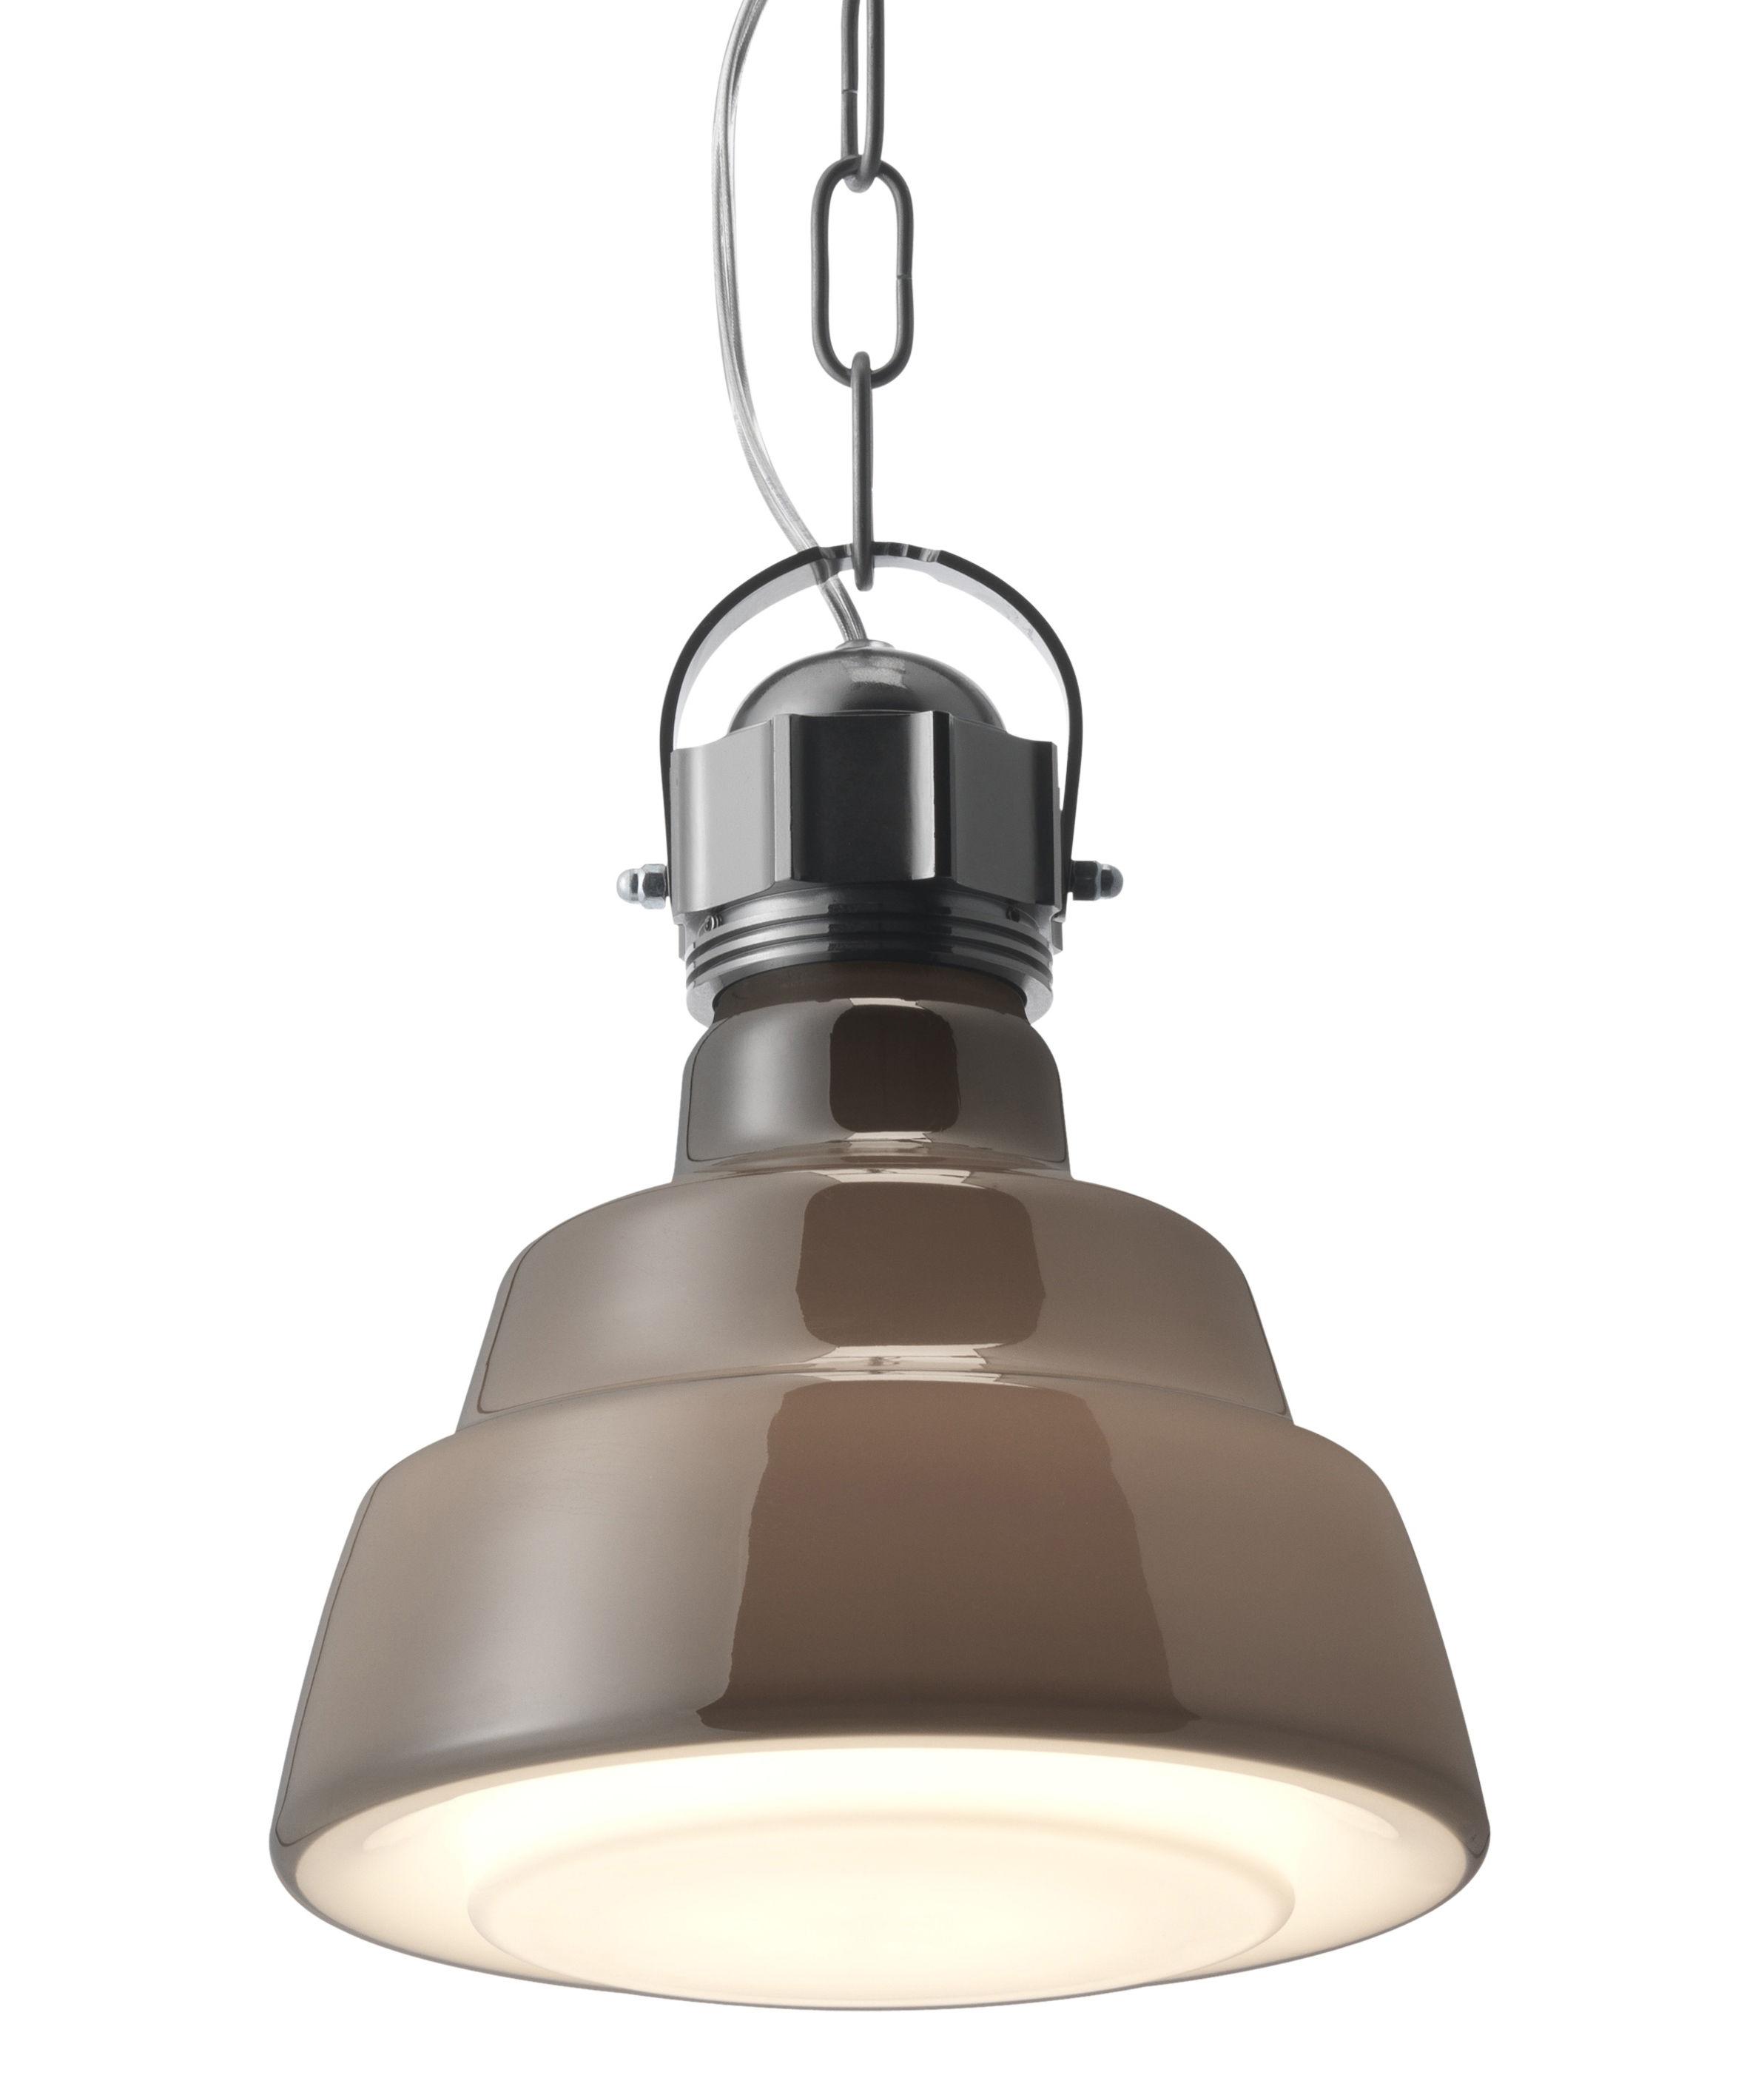 Illuminazione - Lampadari - Sospensione Glas - Ø 22 cm di Diesel with Foscarini - Ø 22 cm - Cromato/marrone - Metallo cromato, vetro soffiato